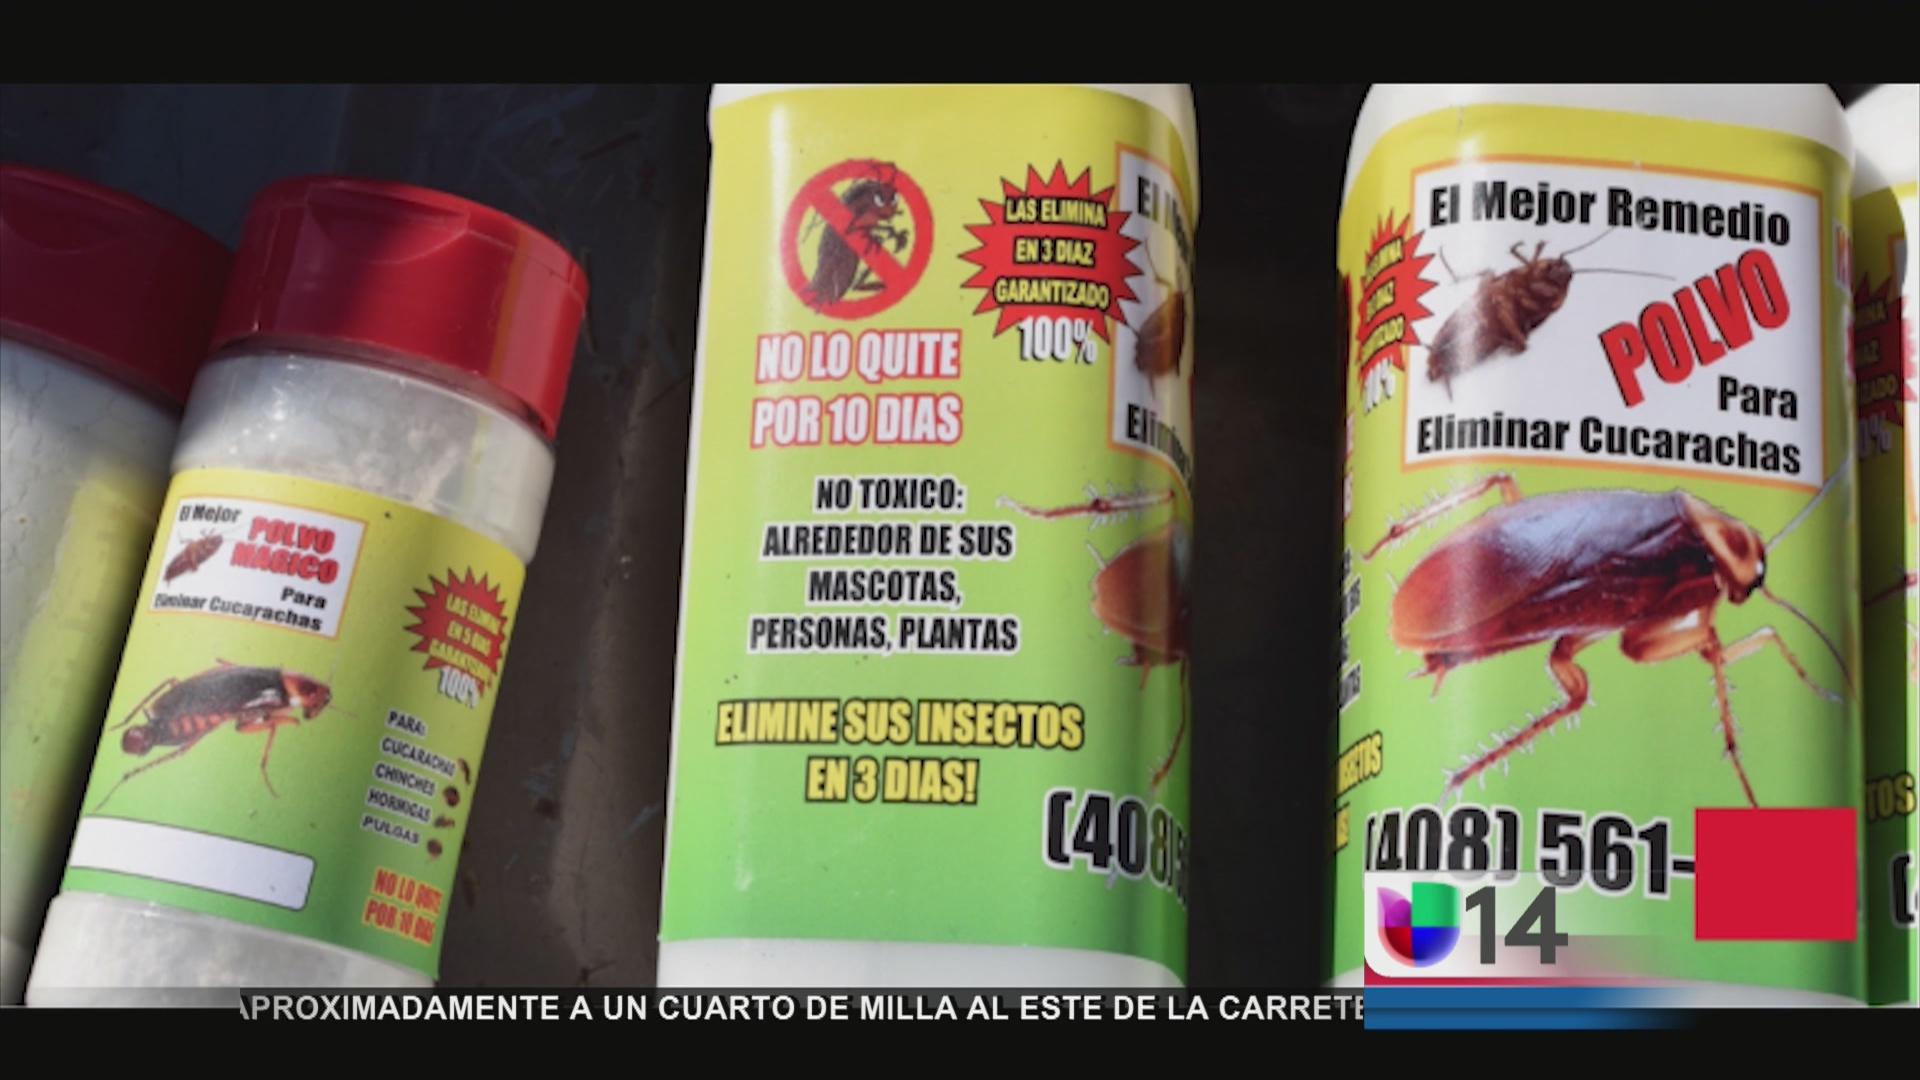 Alertan sobre remedio para matar cucarachas univision 14 - Remedios para eliminar cucarachas ...